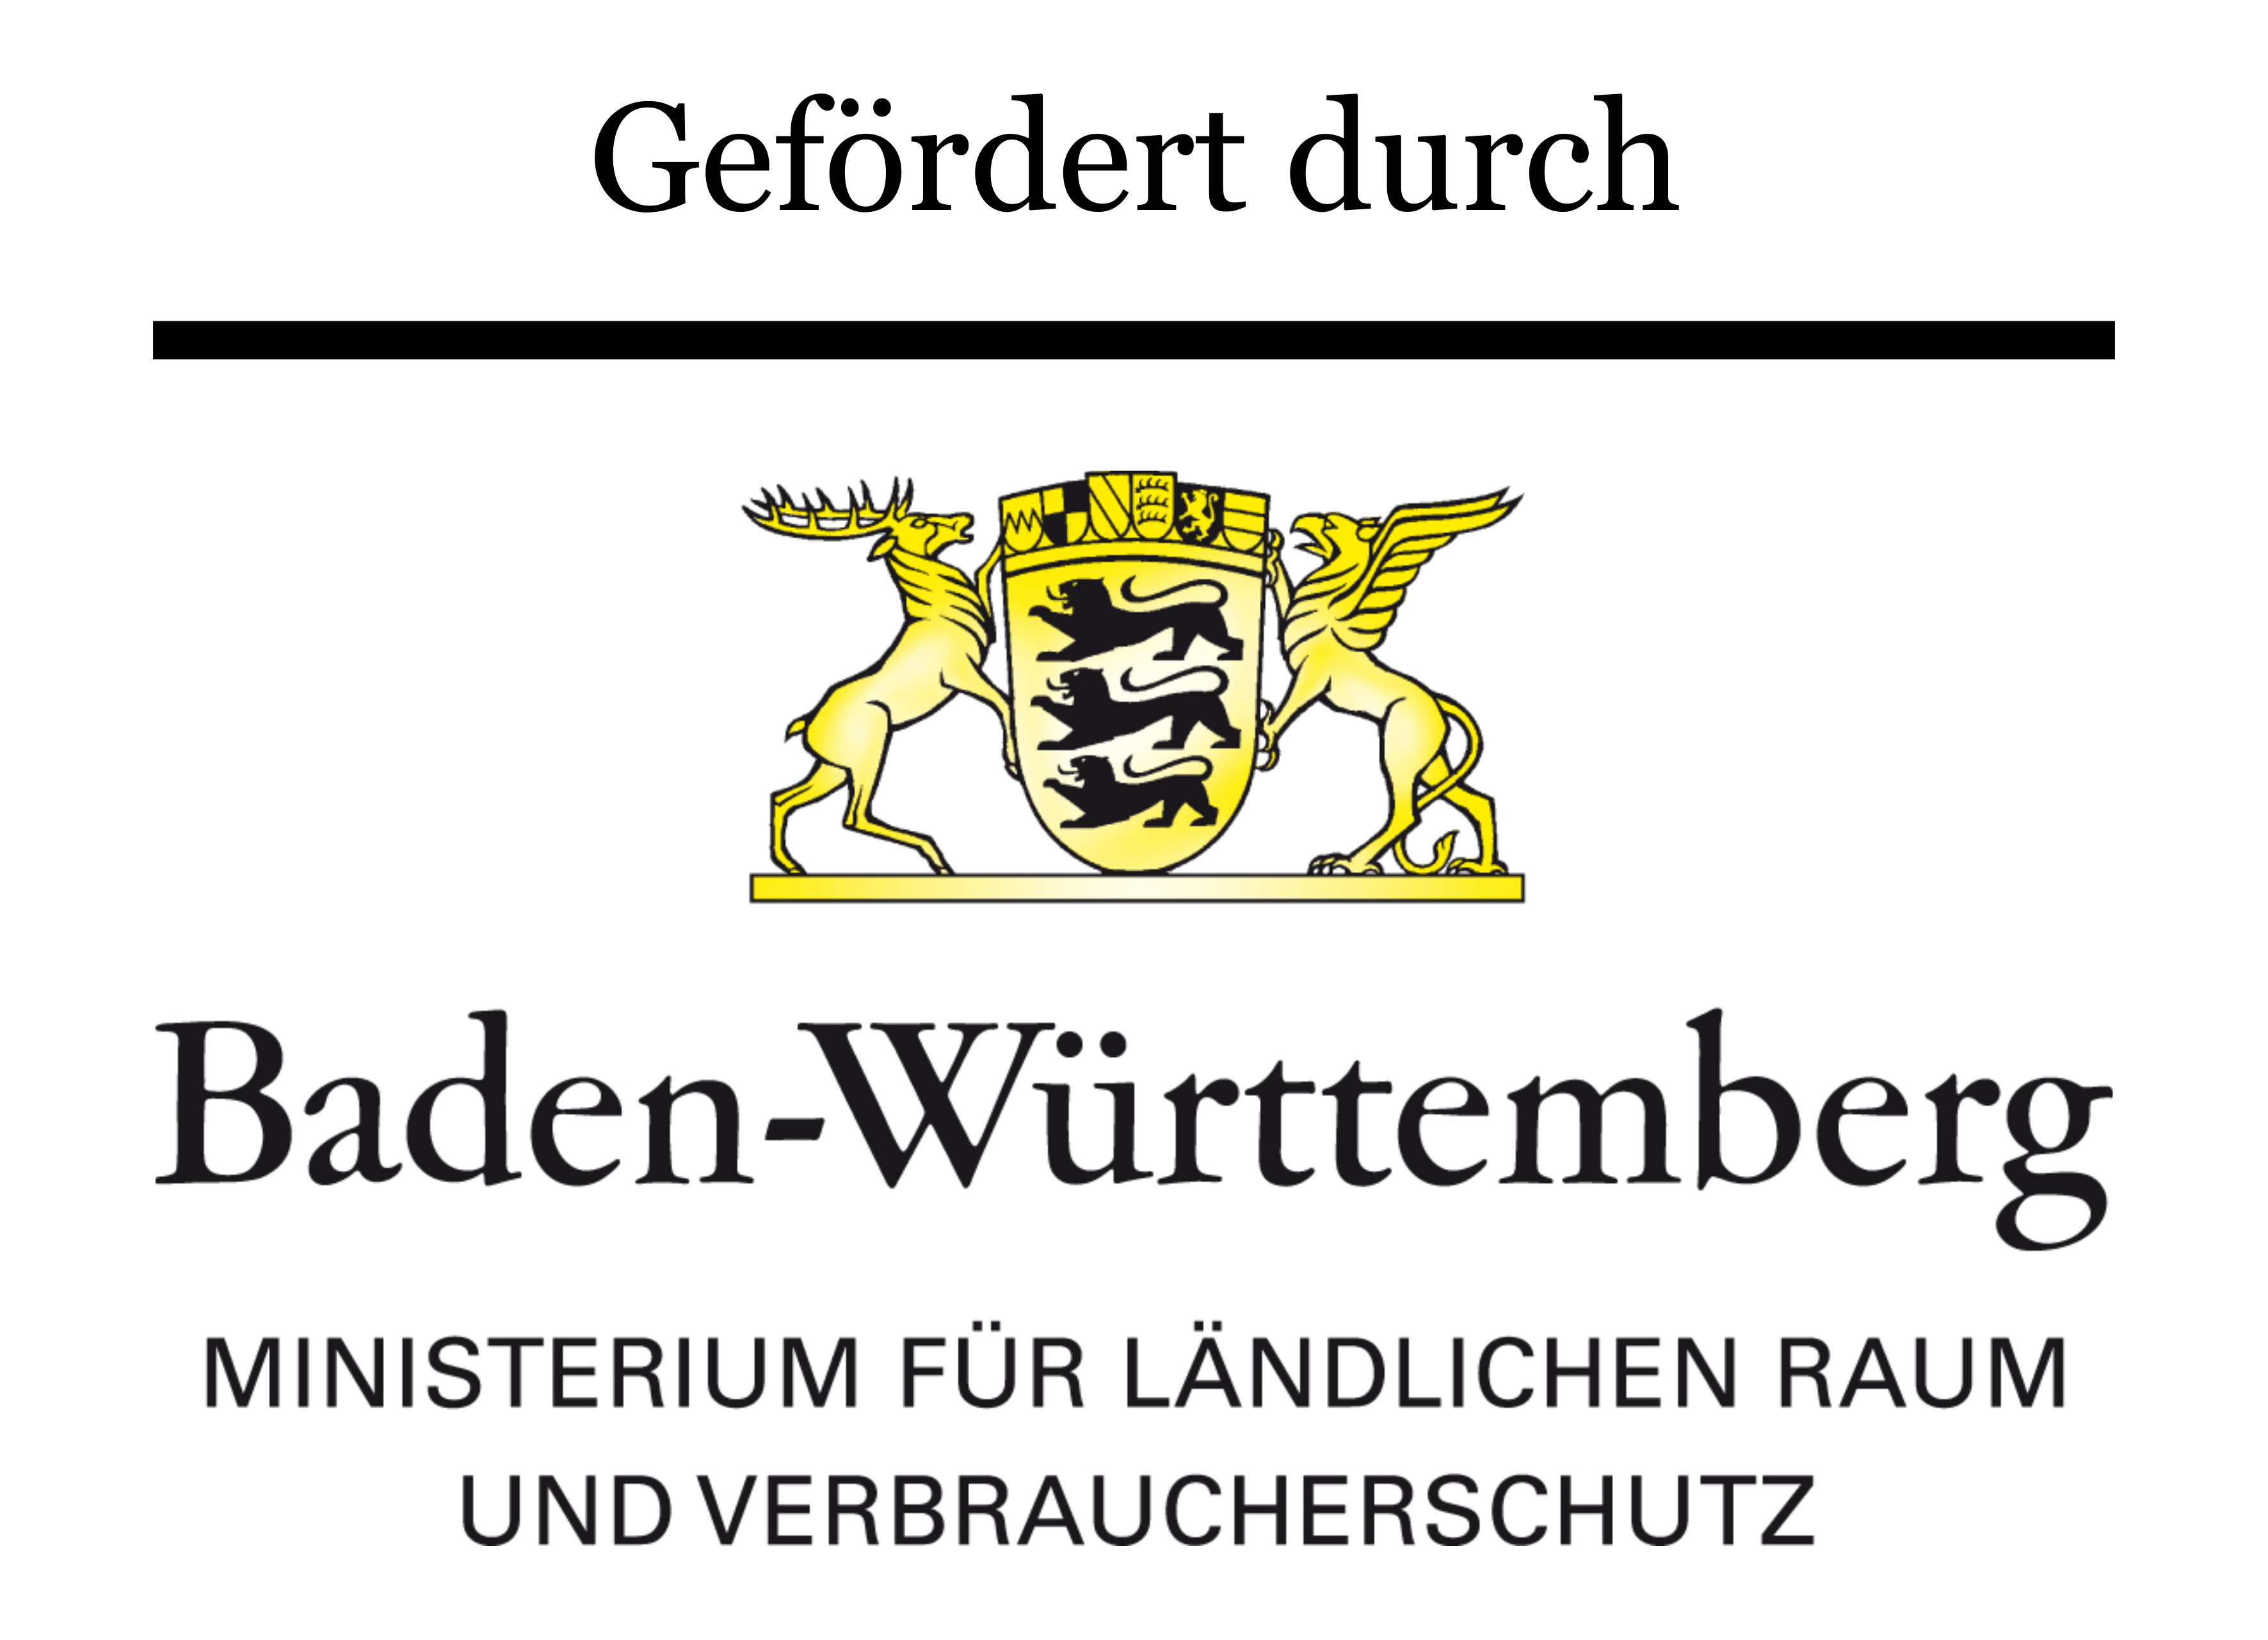 Hier ist das Logo des Ministeriums für ländlichen Raum und Verbraucherschutz Baden-Württemberg dargestellt